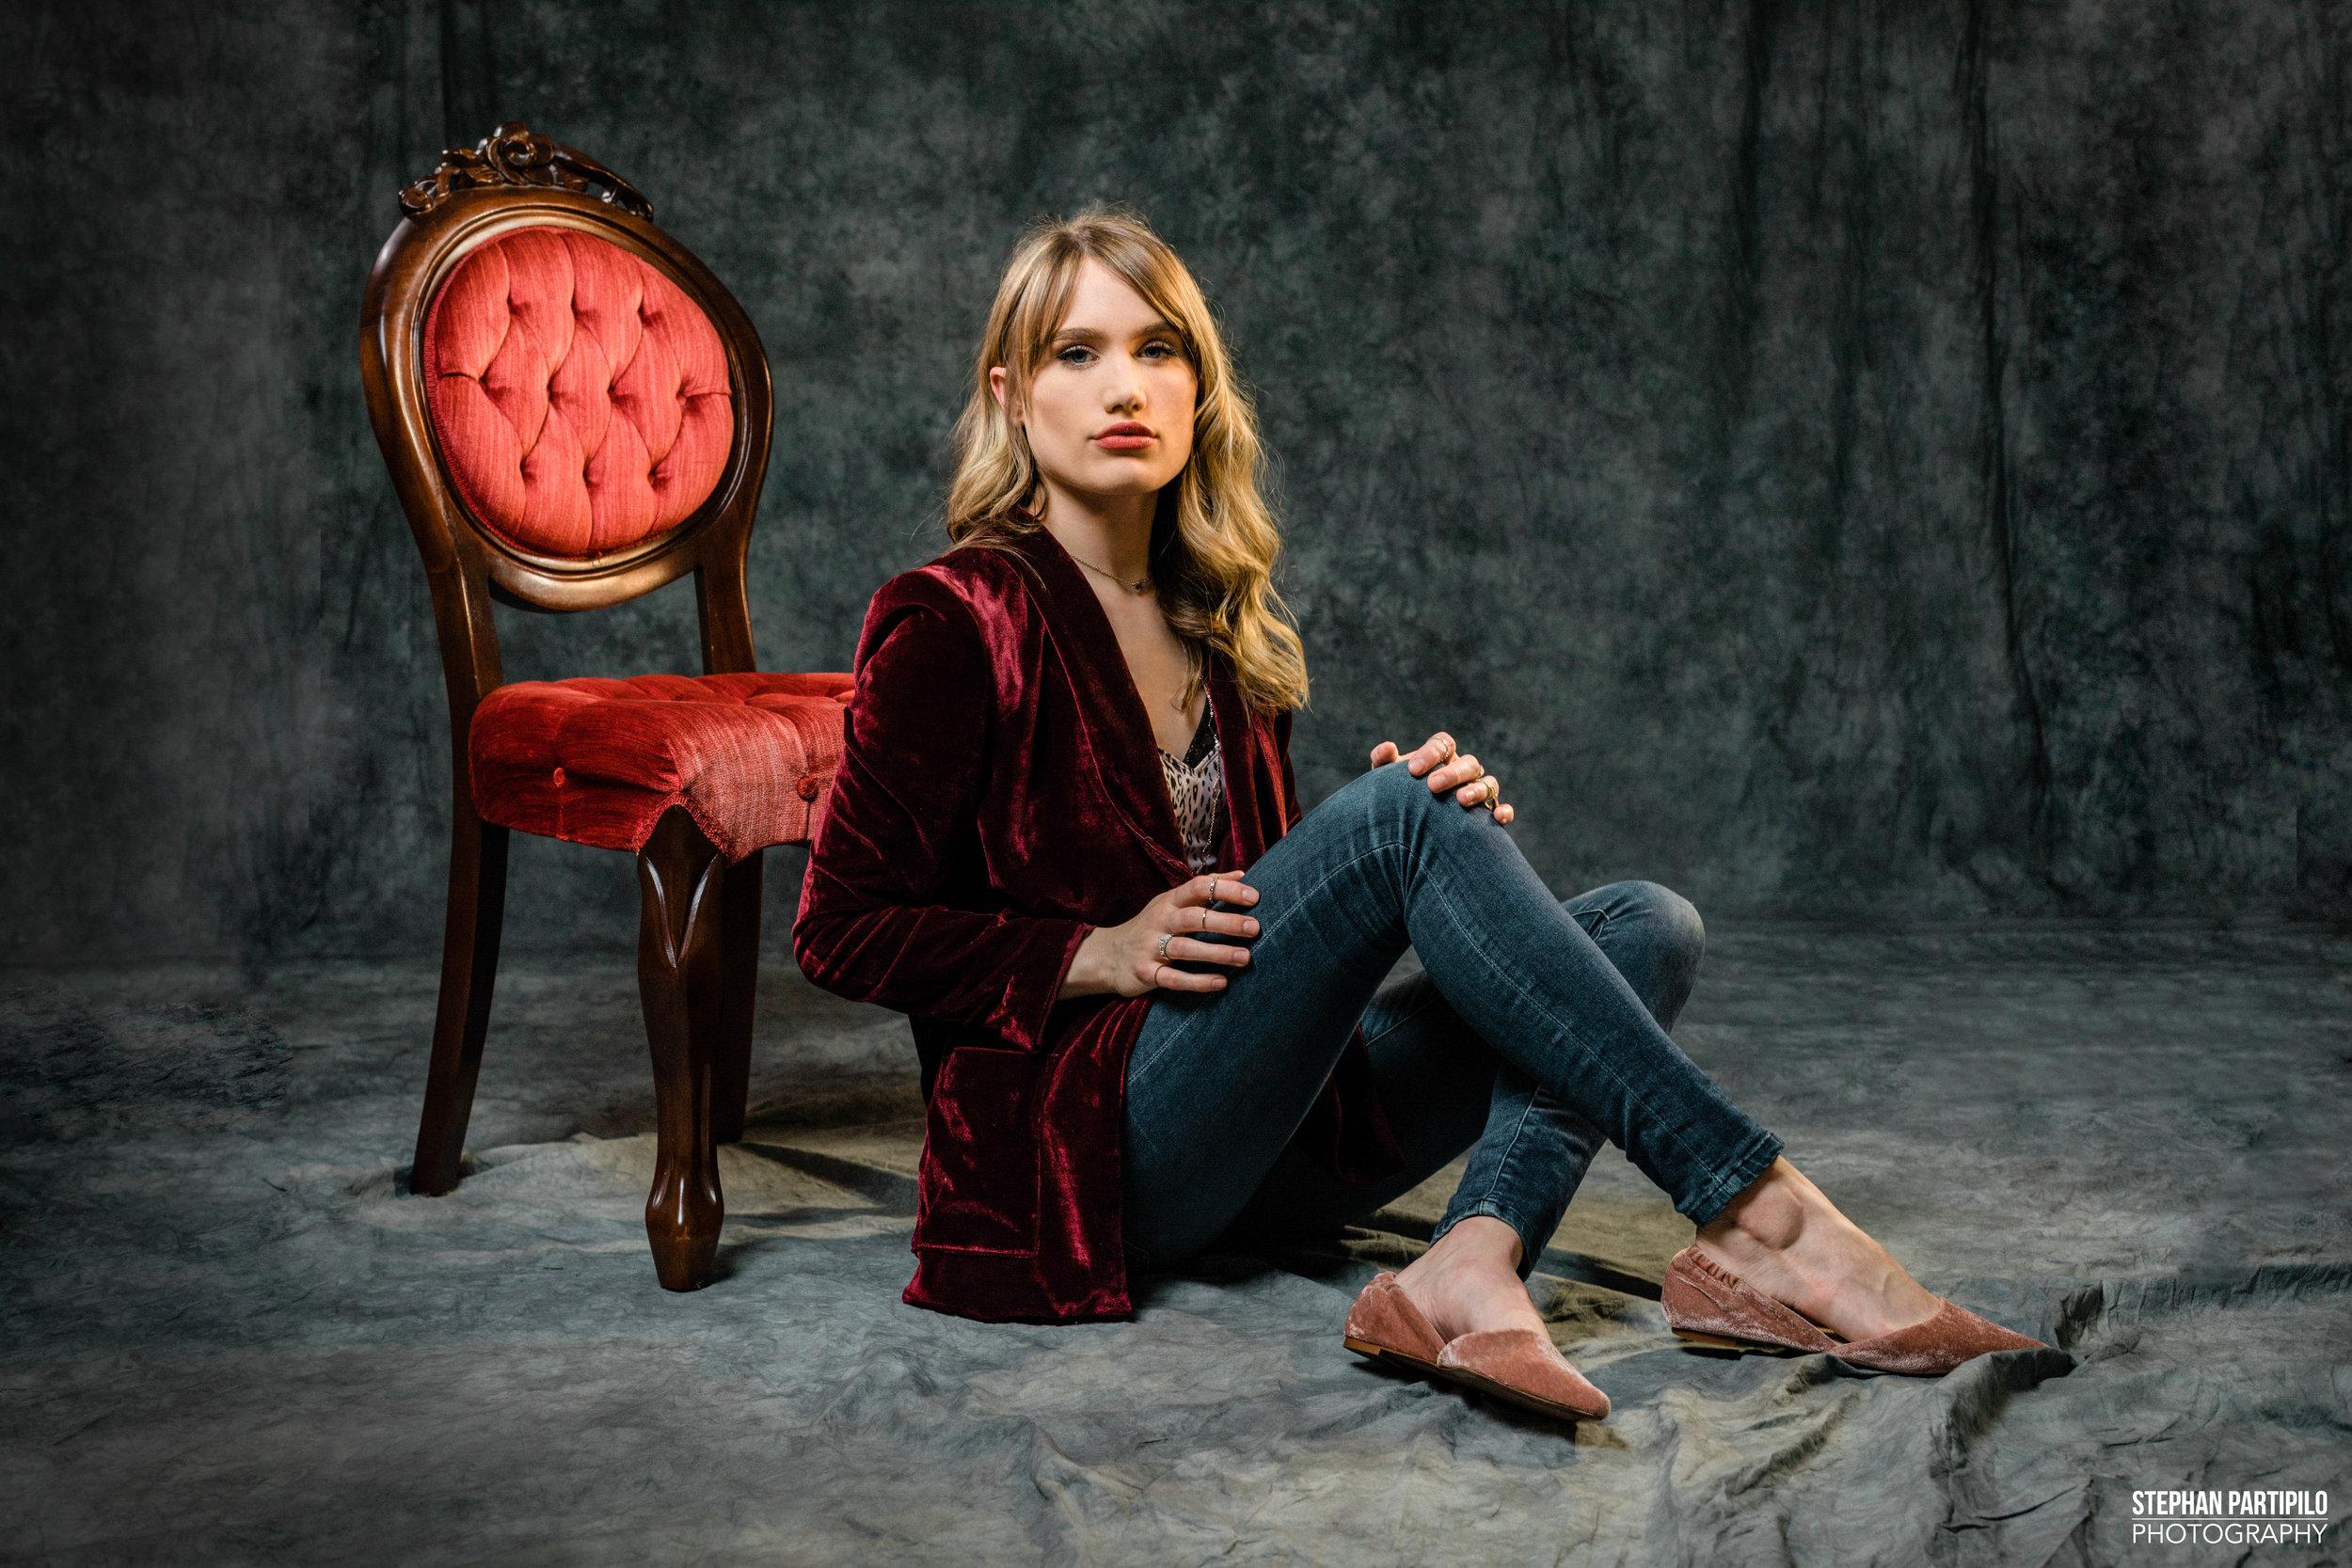 Kate Ilb April 2018 0G5A9505-3.jpg